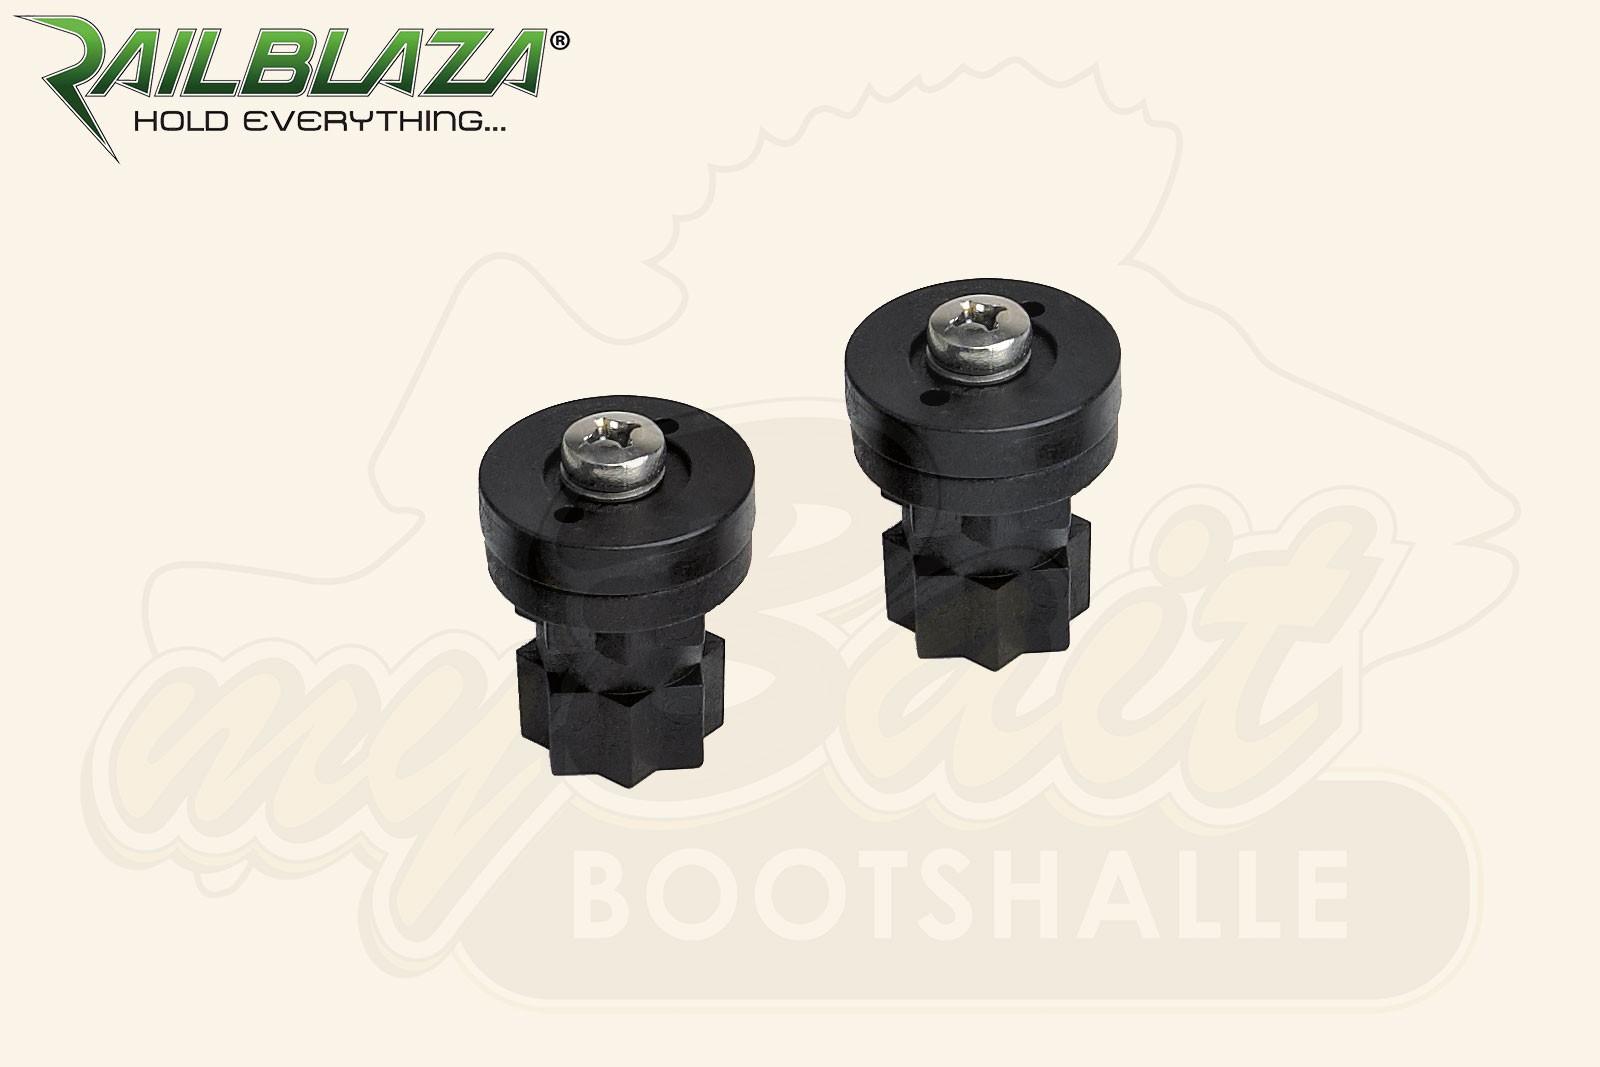 Railblaza Universal Montagefüsse mit Sternadapter